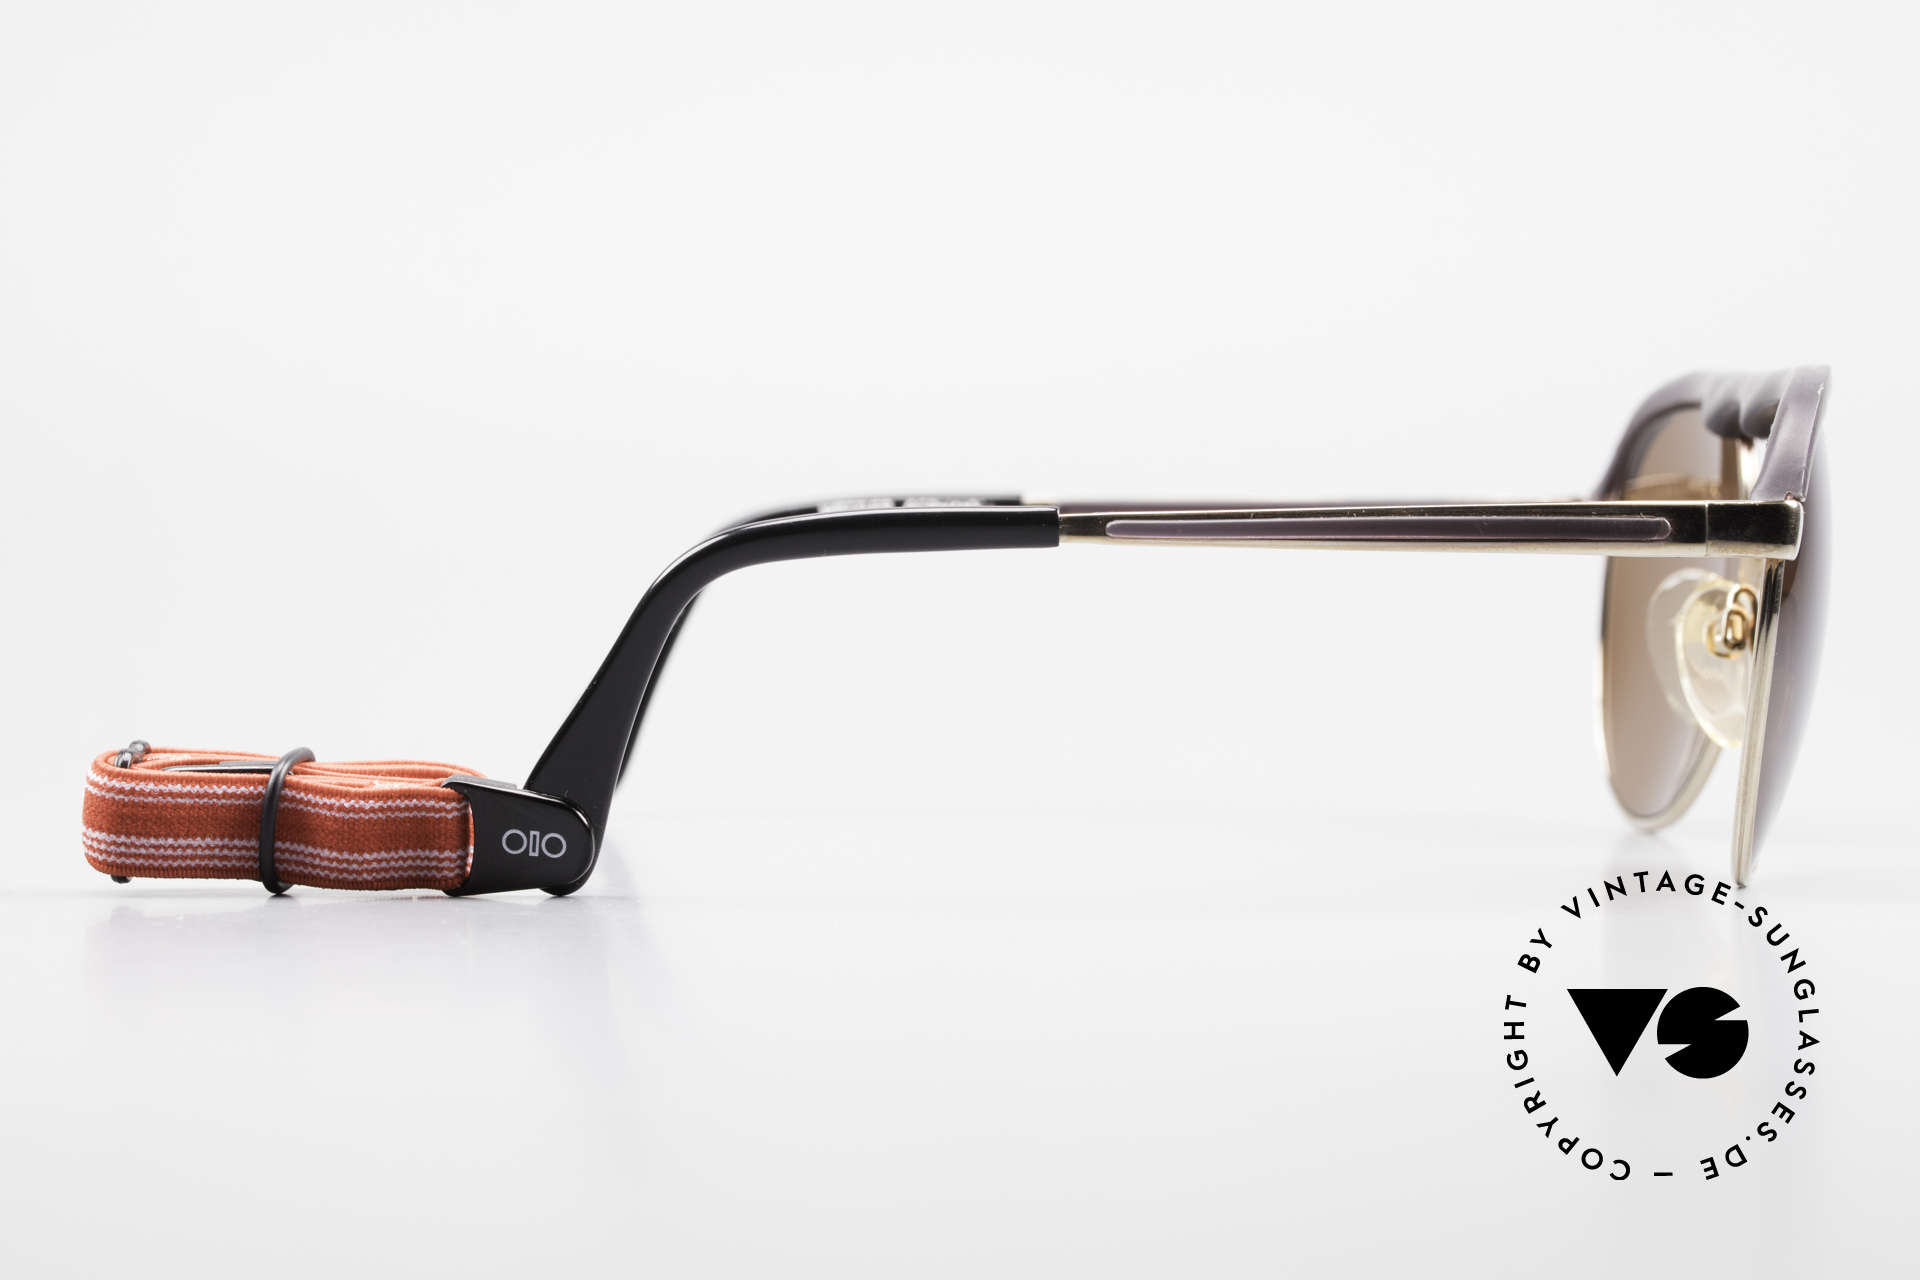 Metzler 0250 Echt 80er Sportsonnenbrille, die Fassung ist beliebig verglasbar (optisch / Sonne), Passend für Herren